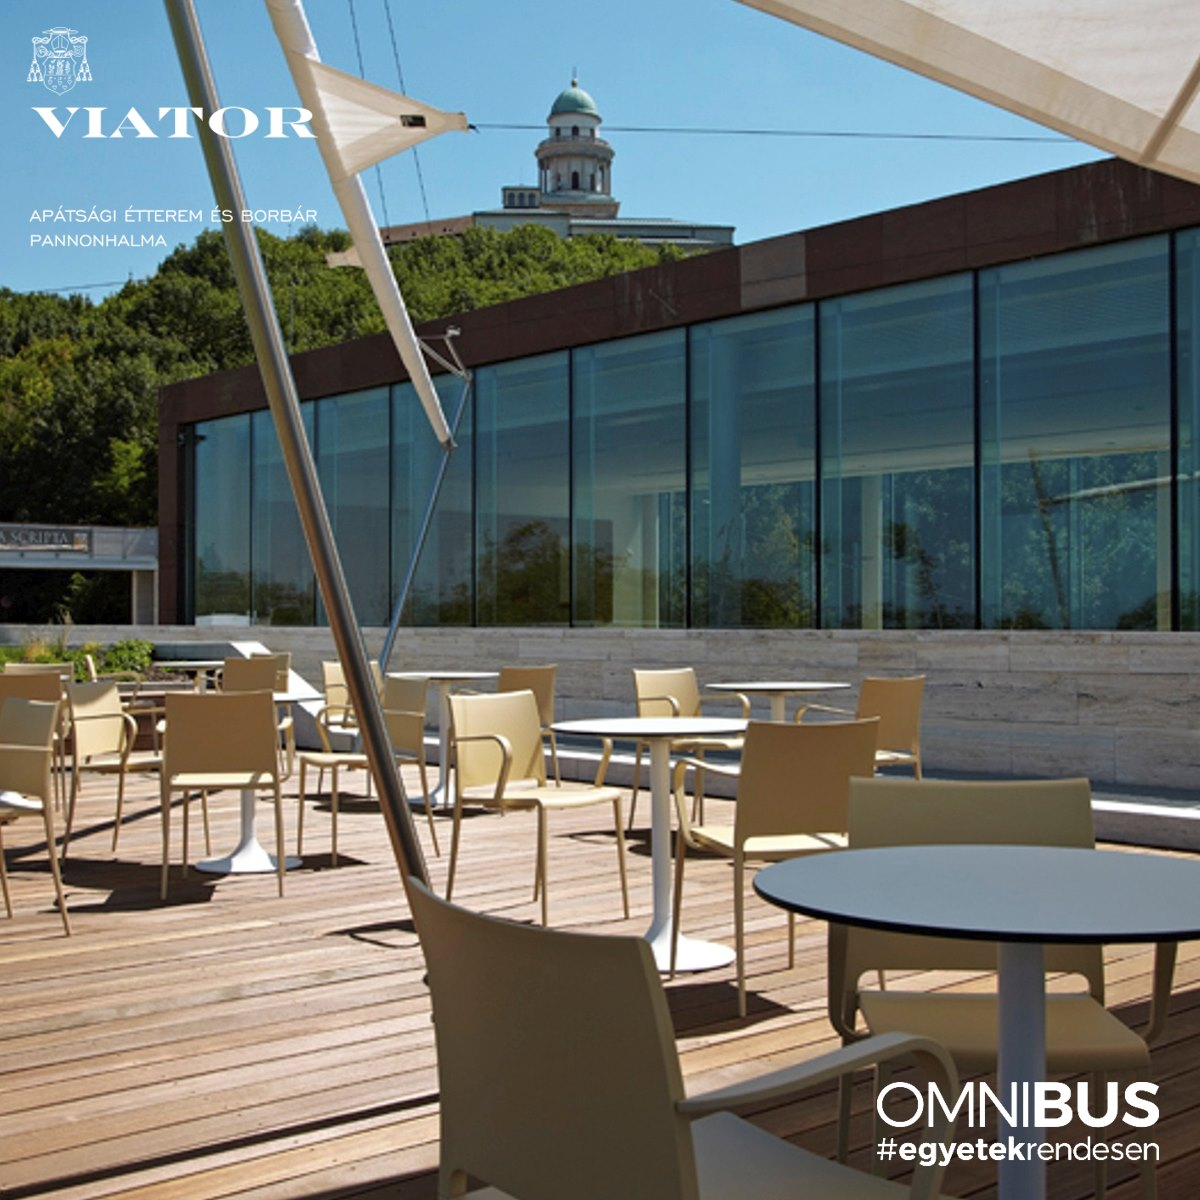 Viator-Omnibus